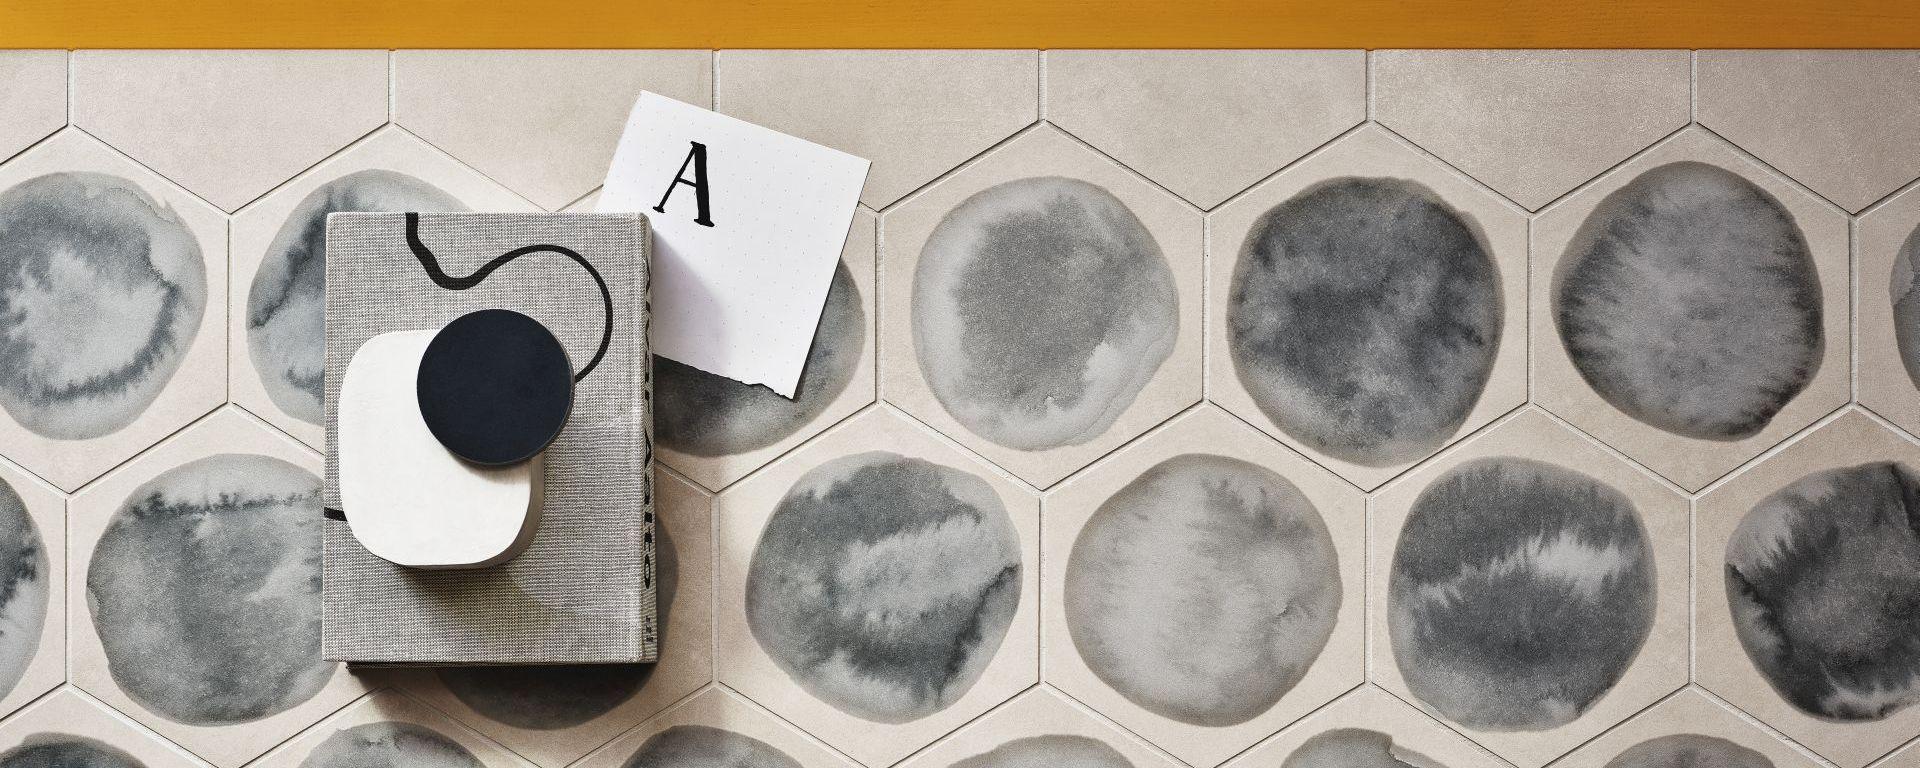 Shades Blot Dawn Nat (175x205mm) Ceramiche Piemme tile range NYCxDESIGN